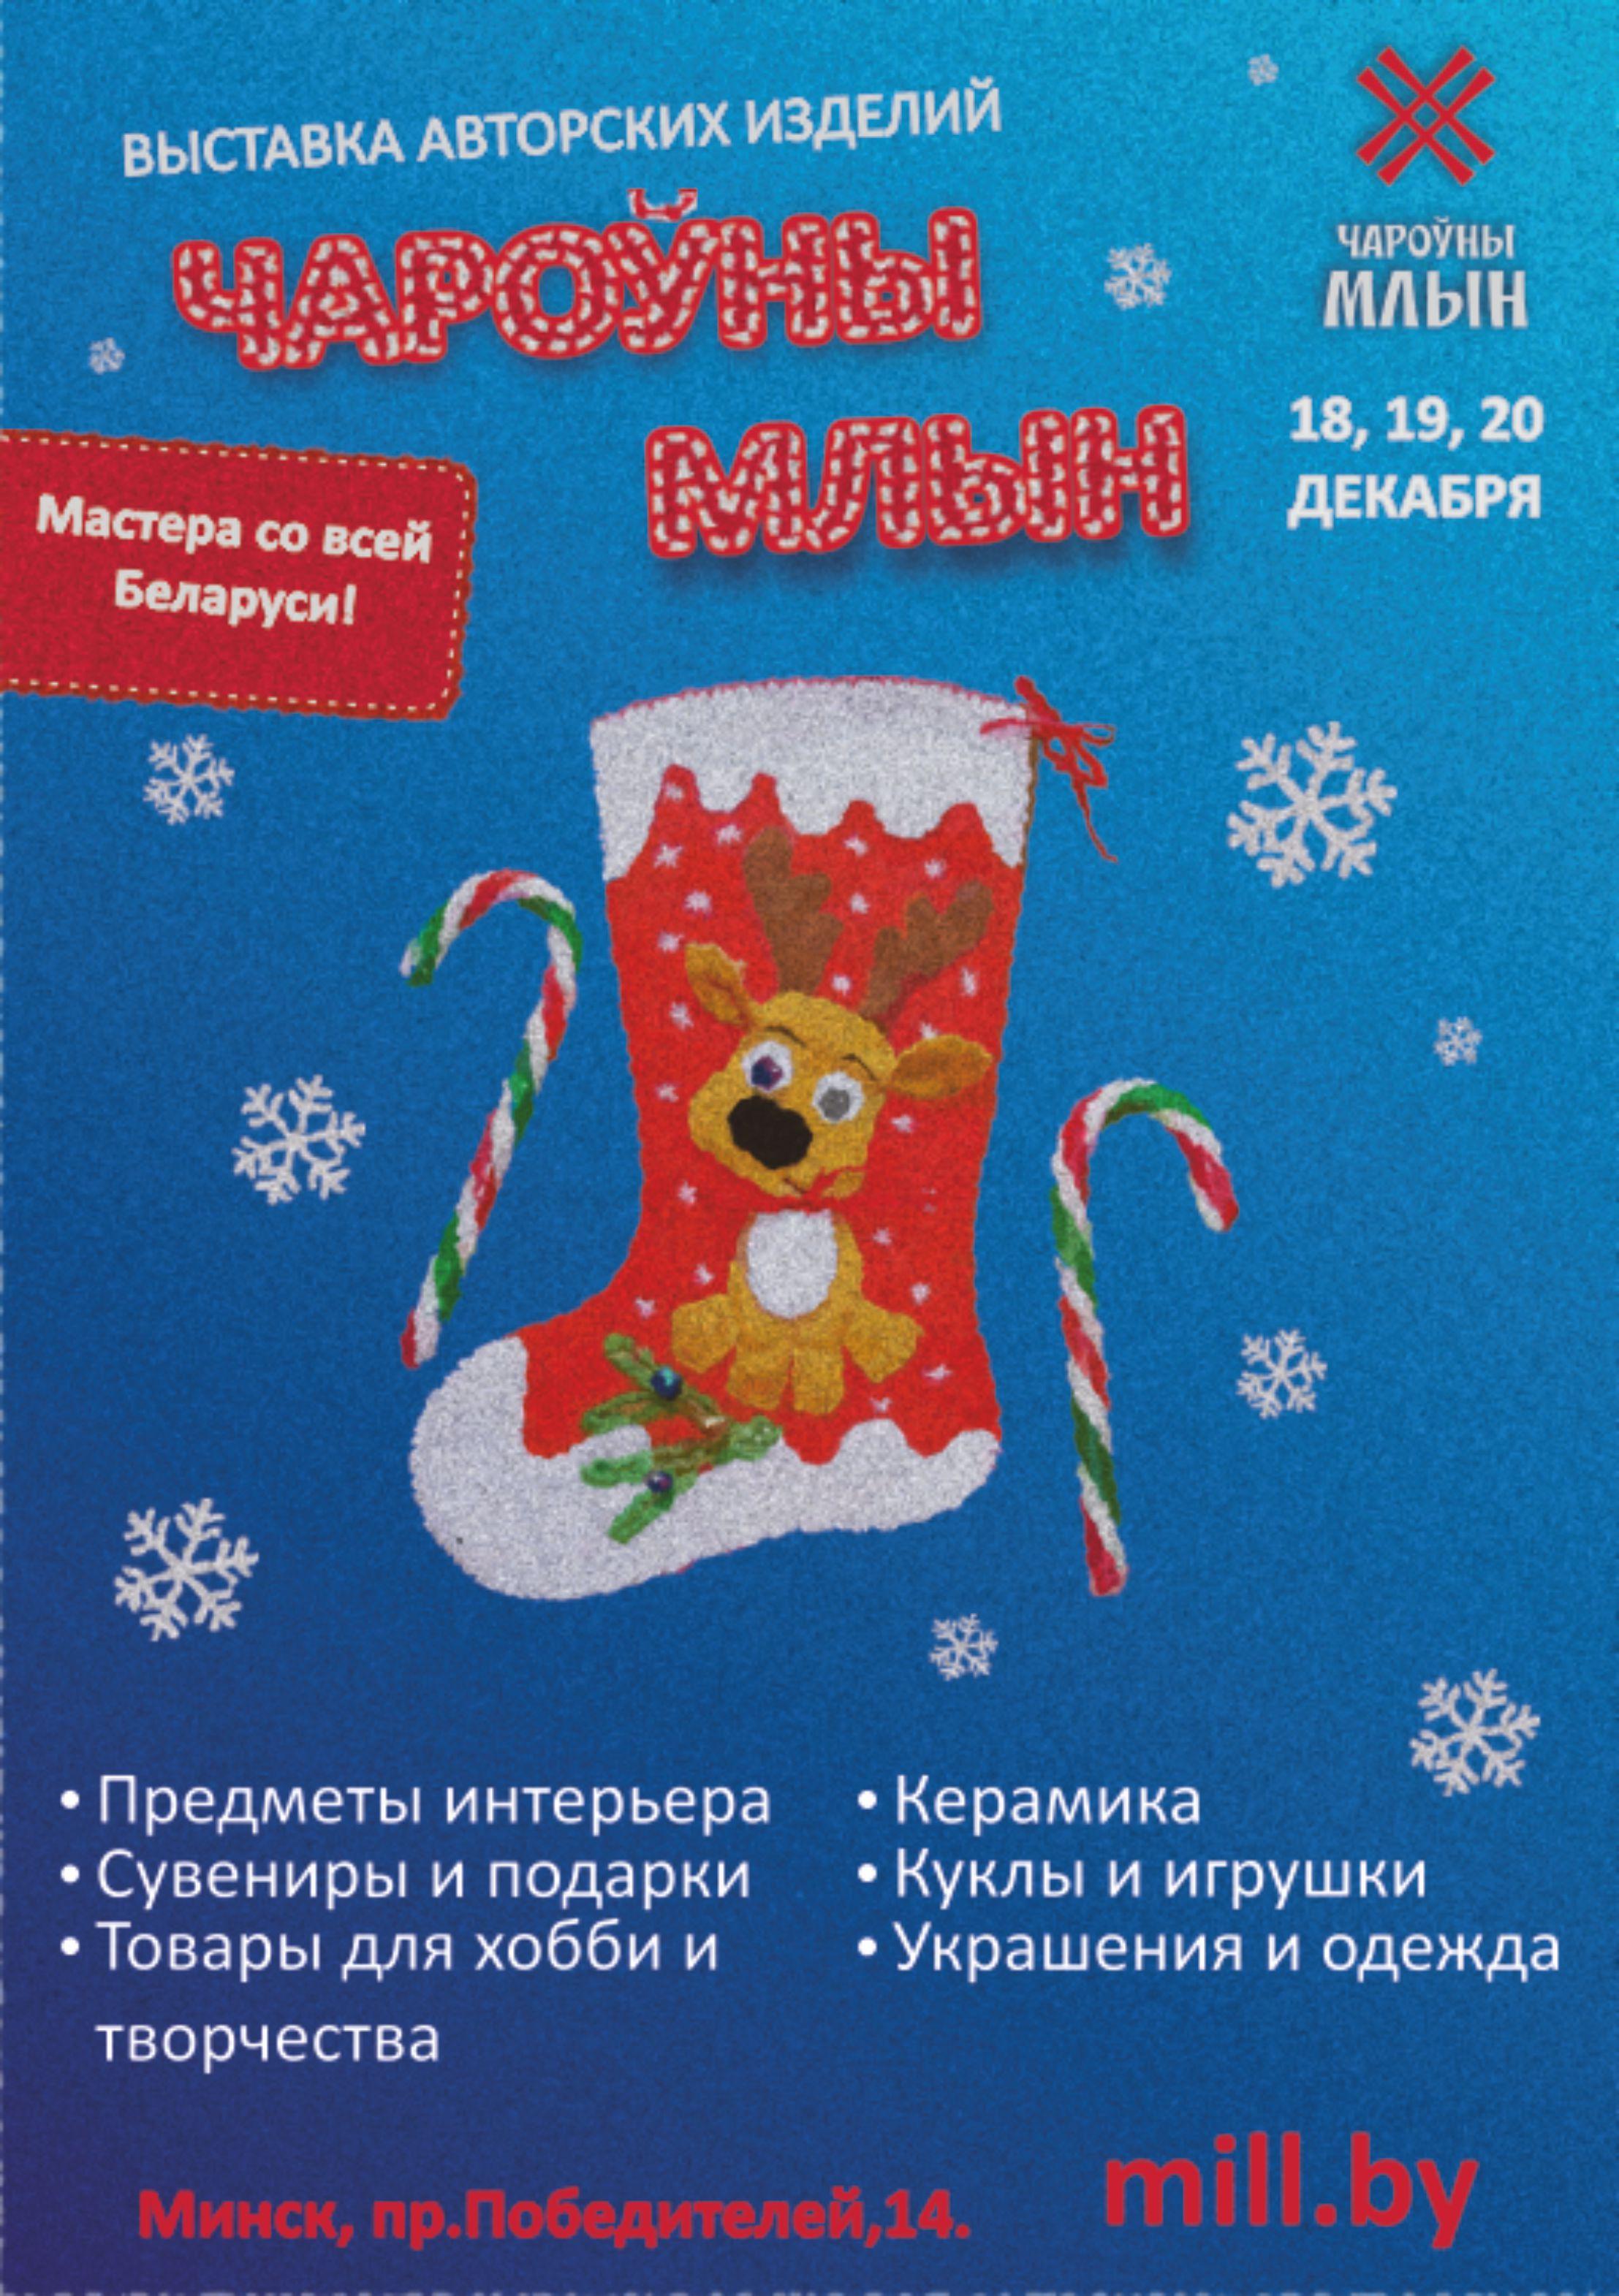 Дизайн новогодней афиши для выставки изделий ручной работы фото f_3675f8f66bd915d7.jpg